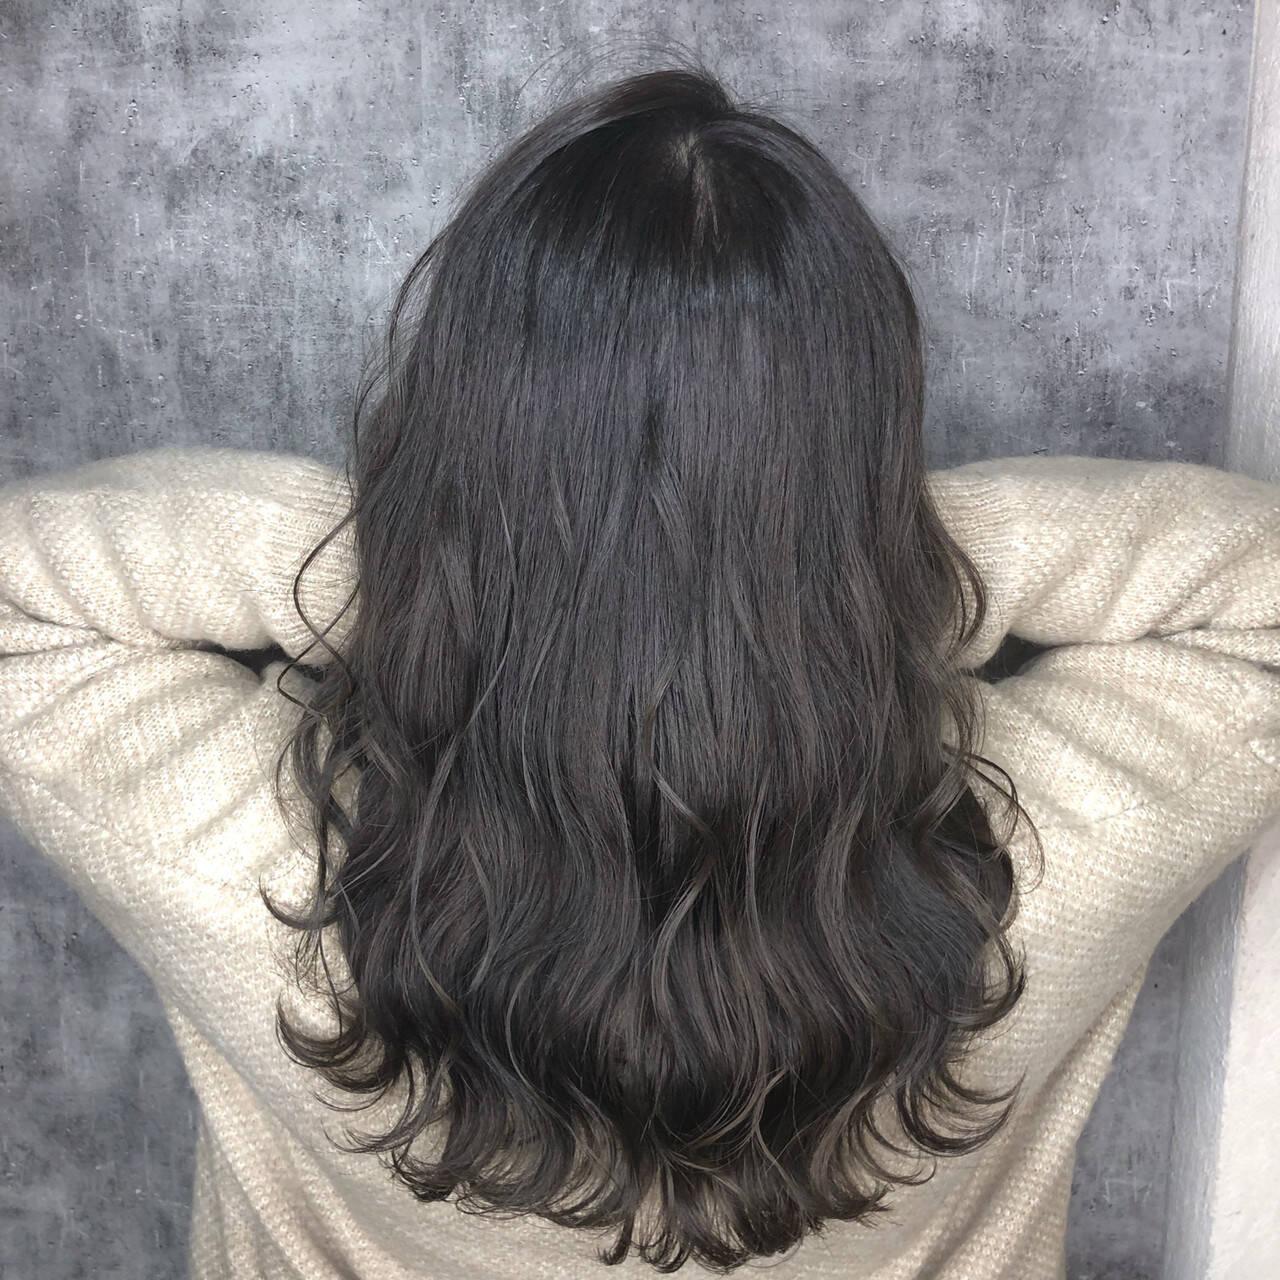 セミロング 簡単ヘアアレンジ アッシュグレージュ ダークグレーヘアスタイルや髪型の写真・画像